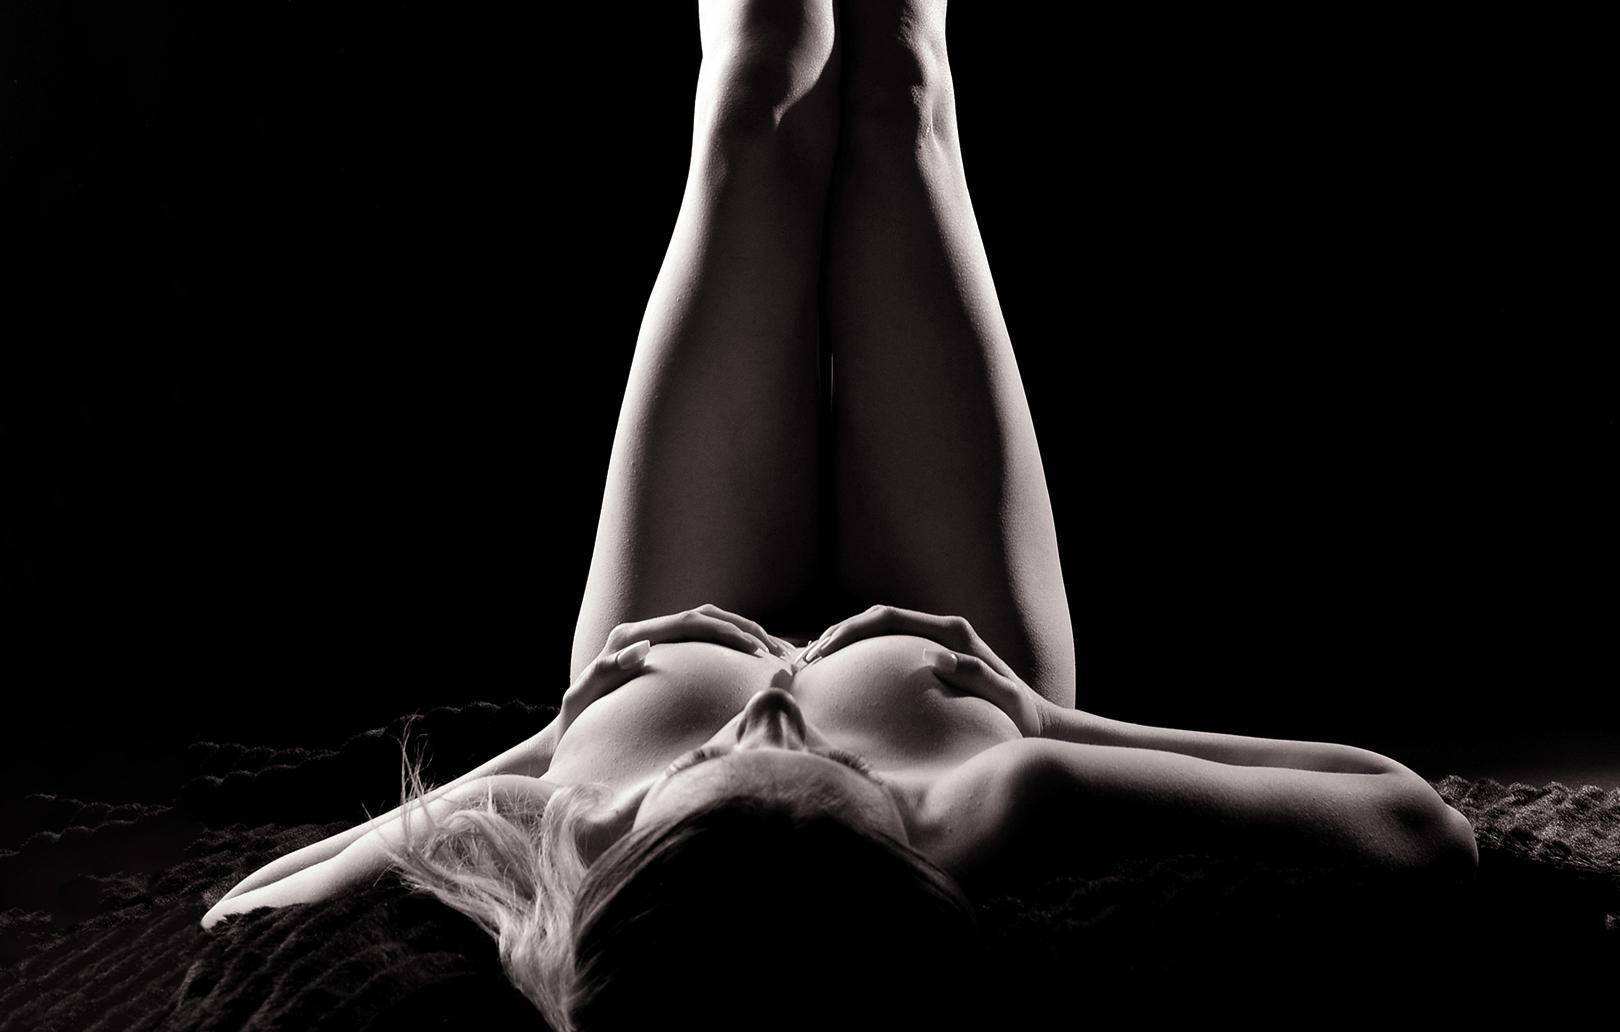 erotisches-fotoshooting-schwerin-bg21610466970